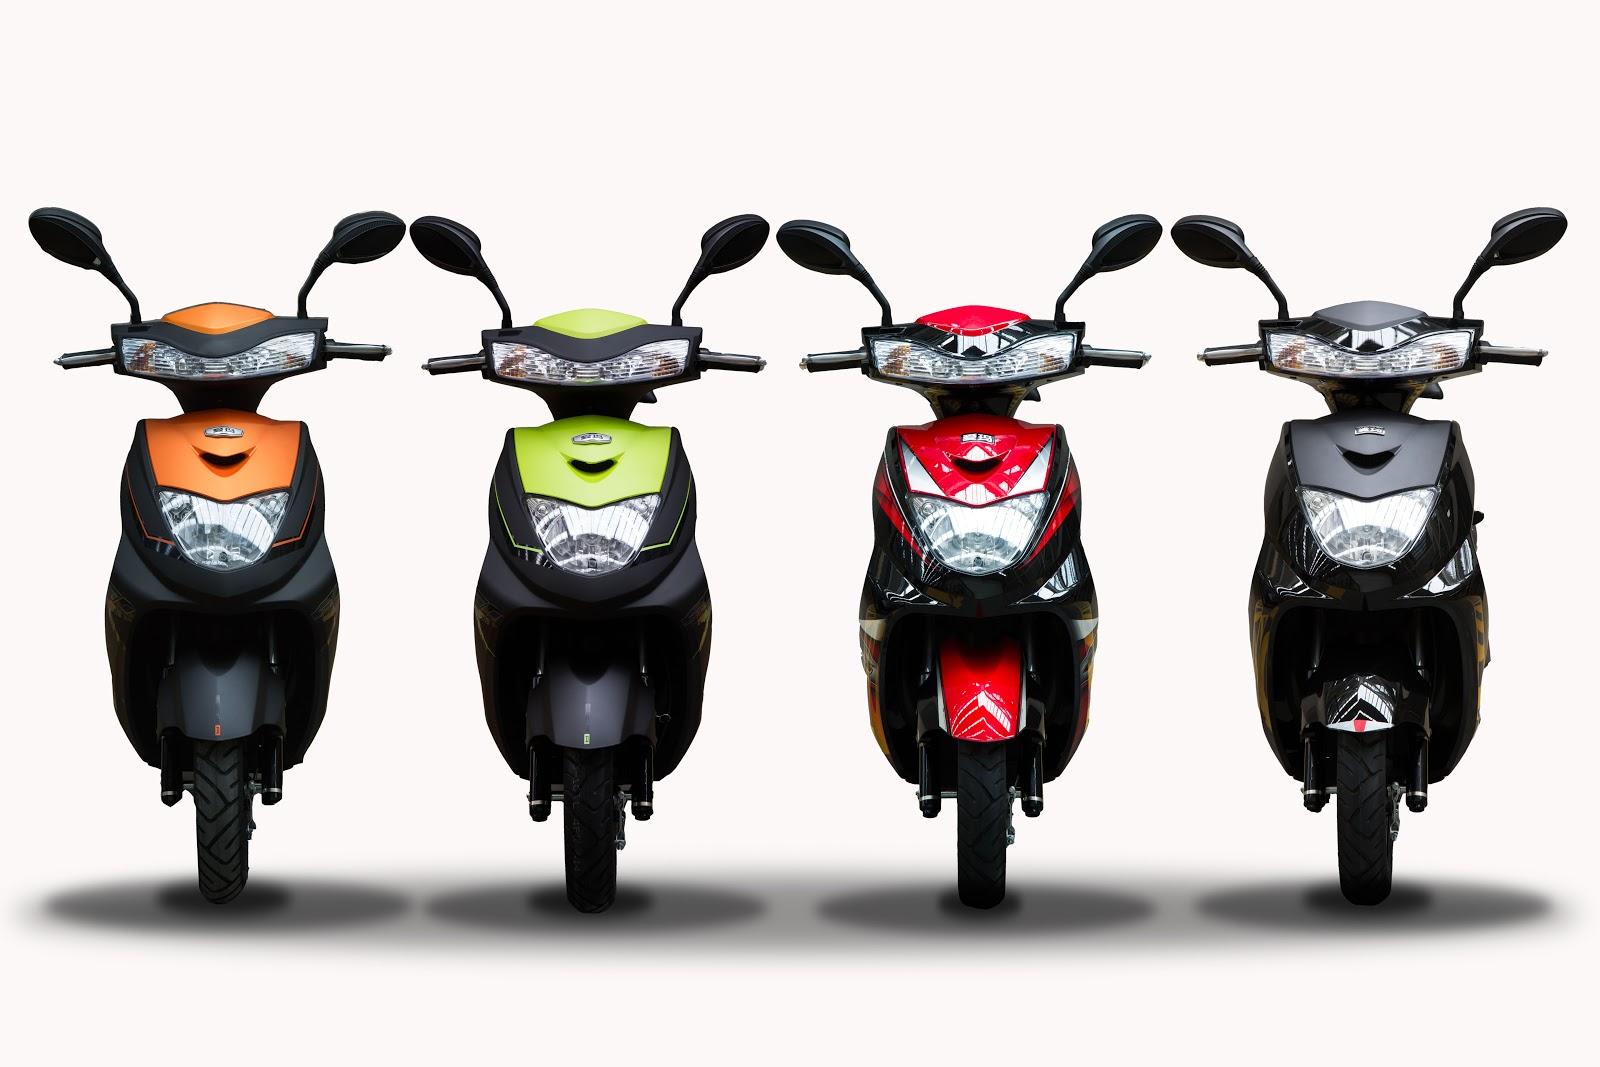 ¿Buscas un vehículo económico, efectivo para tu traslado y que no genere impacto al medio ambiente? La scooter eléctrica S3 automática ya está en Colombia ¡Conócela!